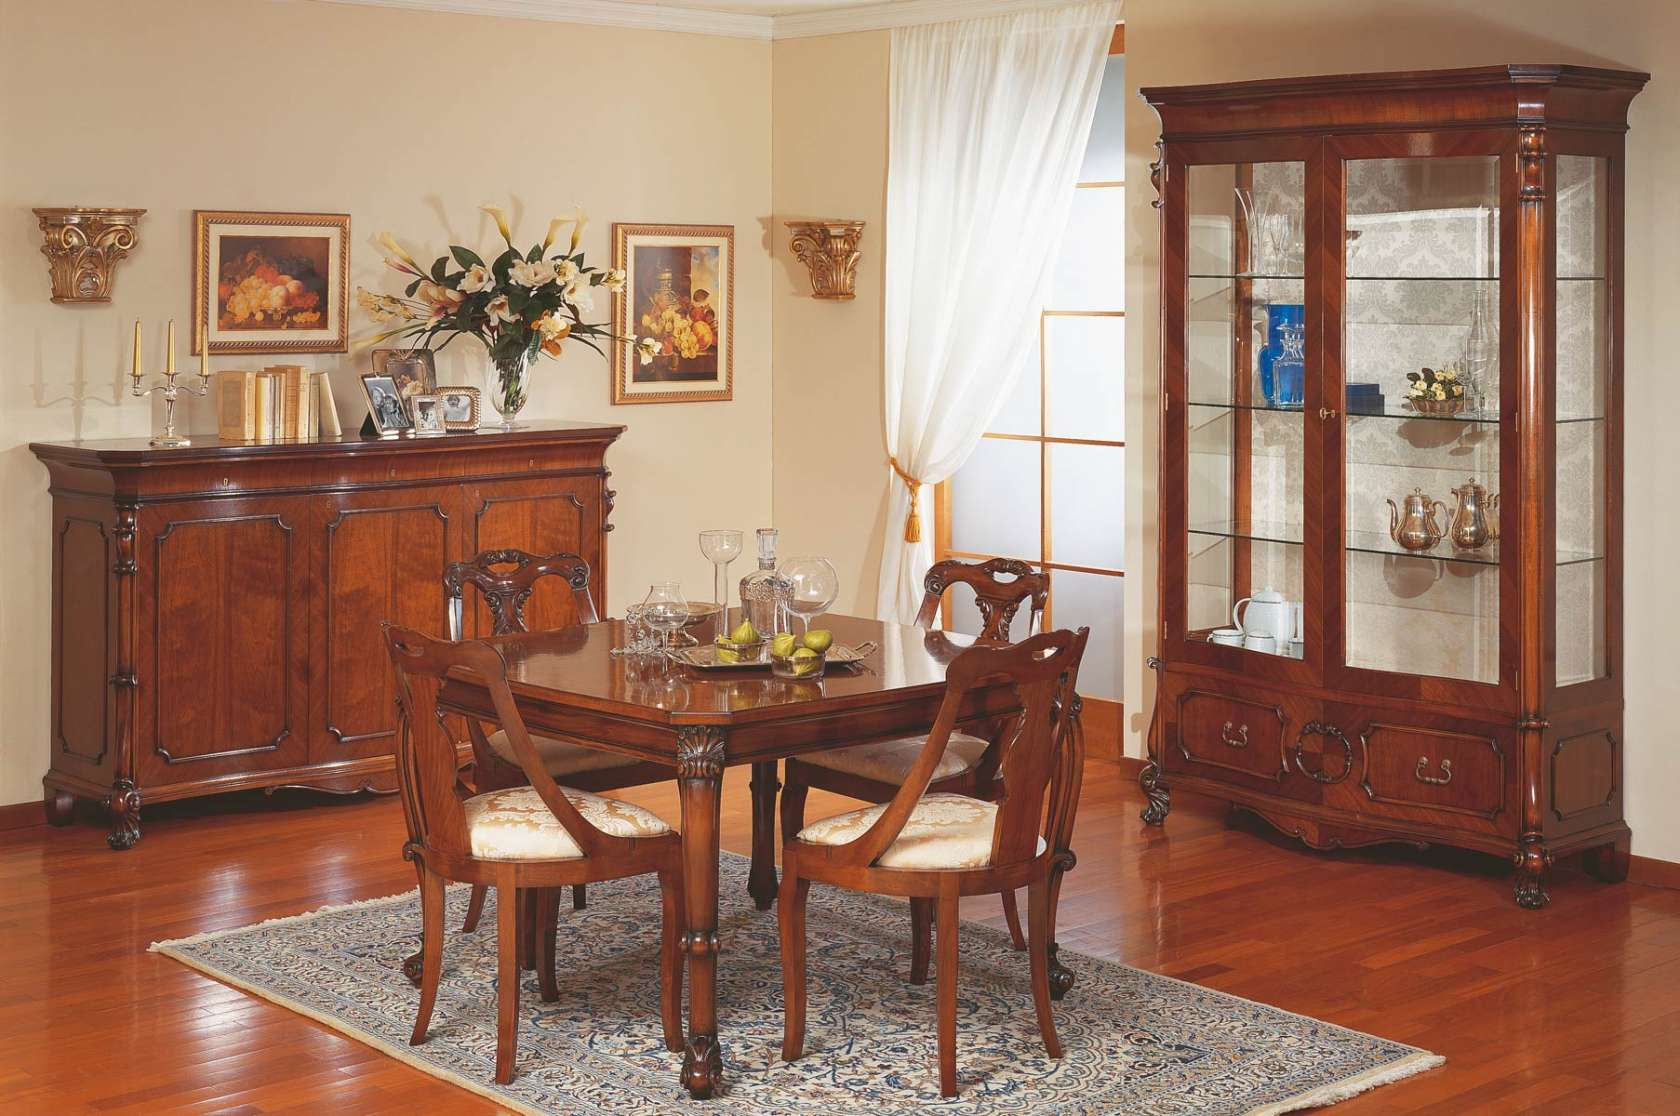 Sala da pranzo classica stile 700 siciliano | Vimercati Meda